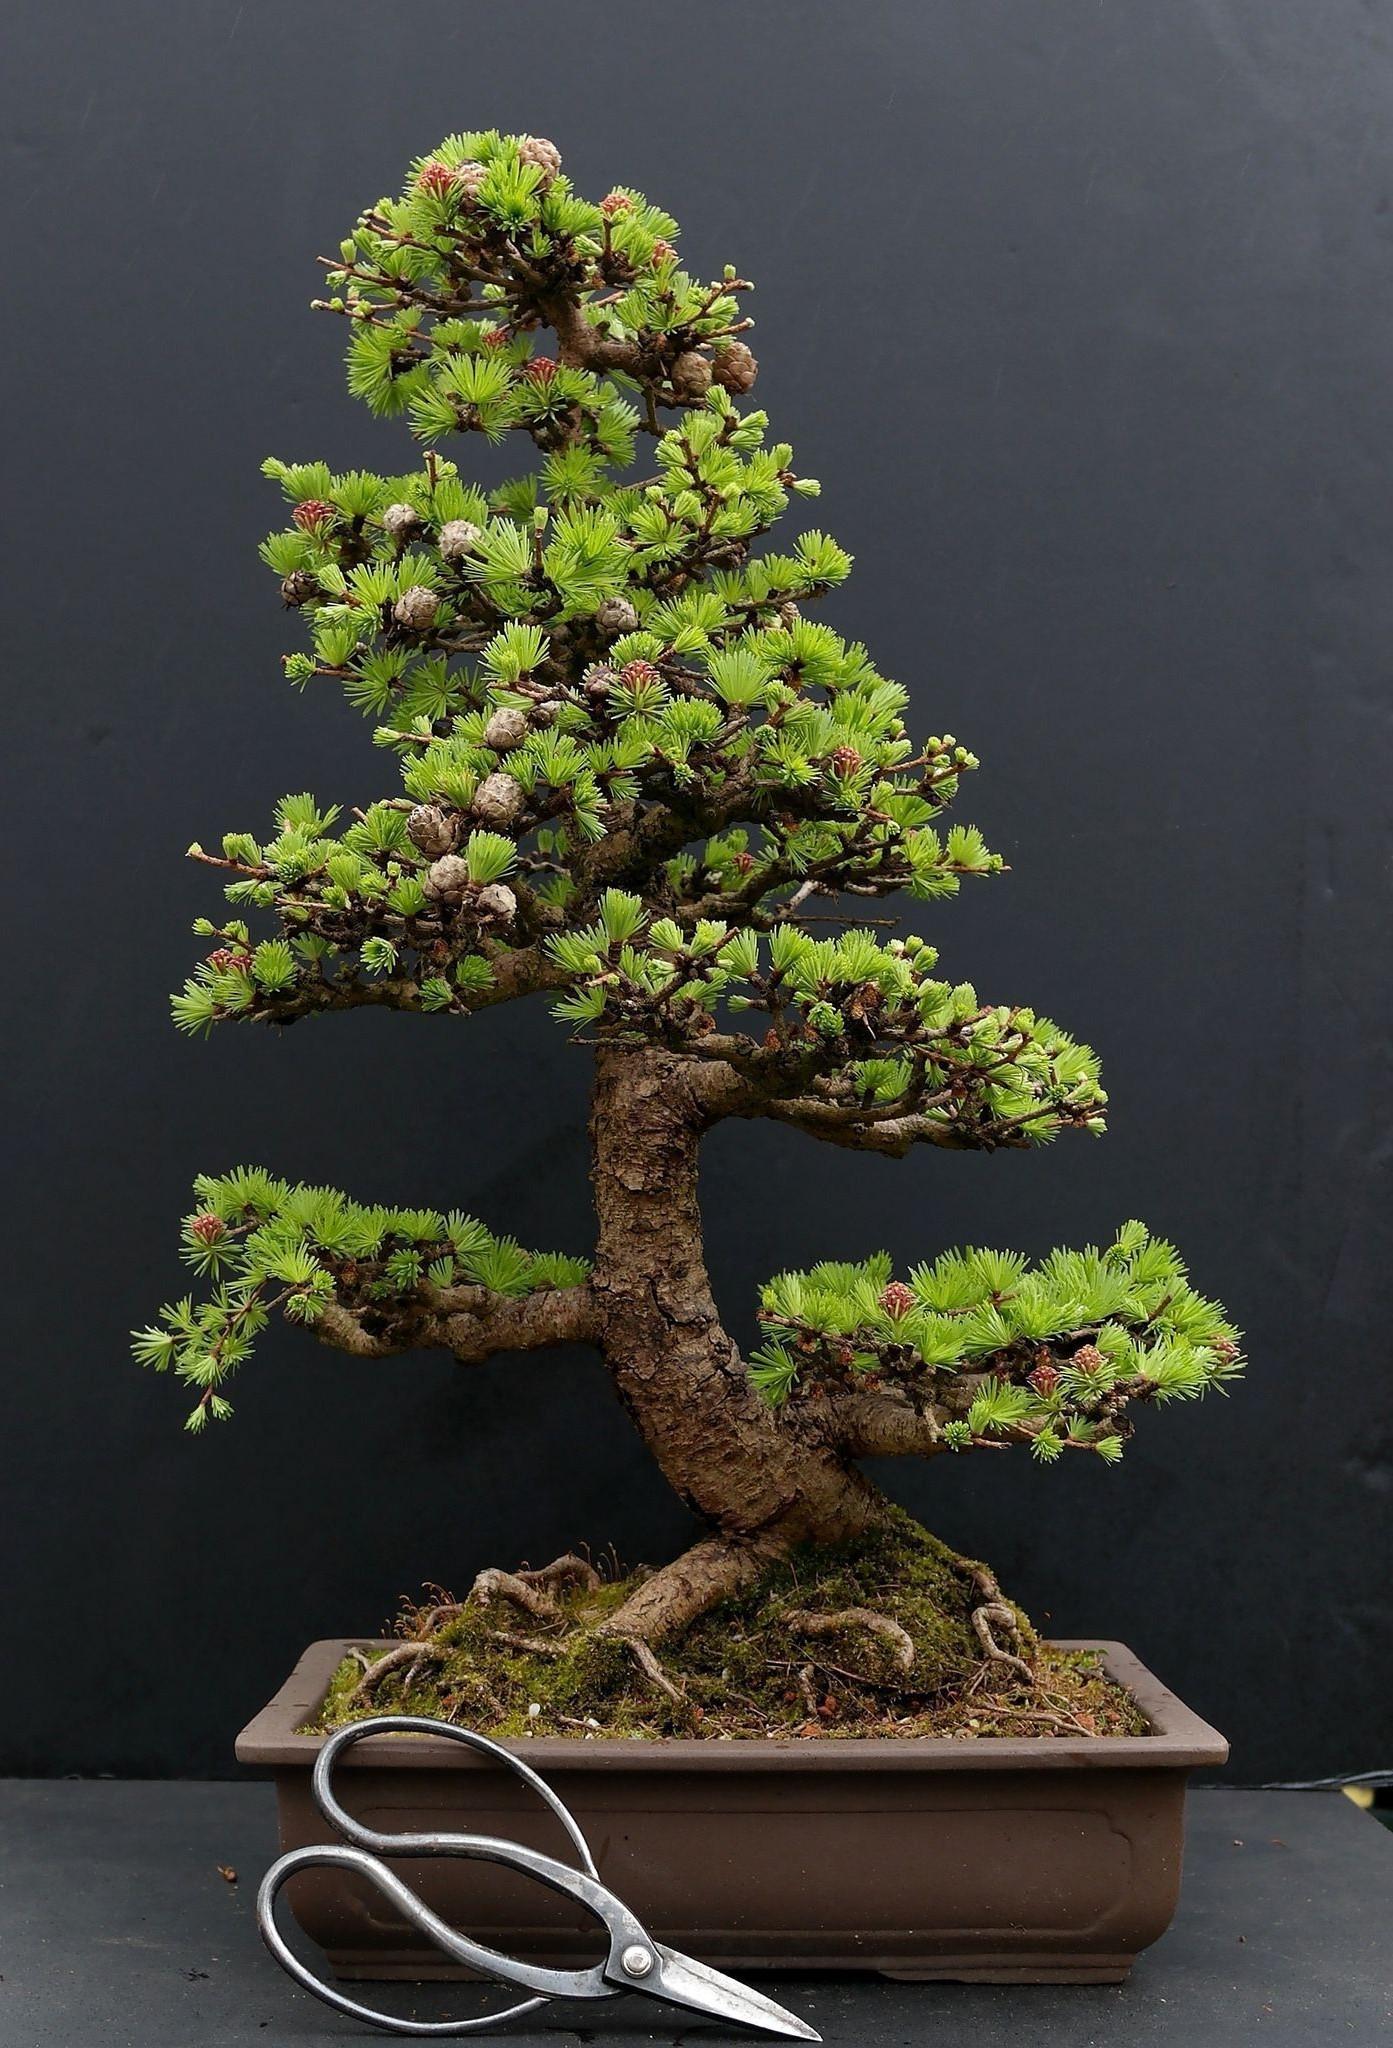 La croissance de l'arbre est limitée par des années d'élagage, de tressage, de rempotage et de greffage.